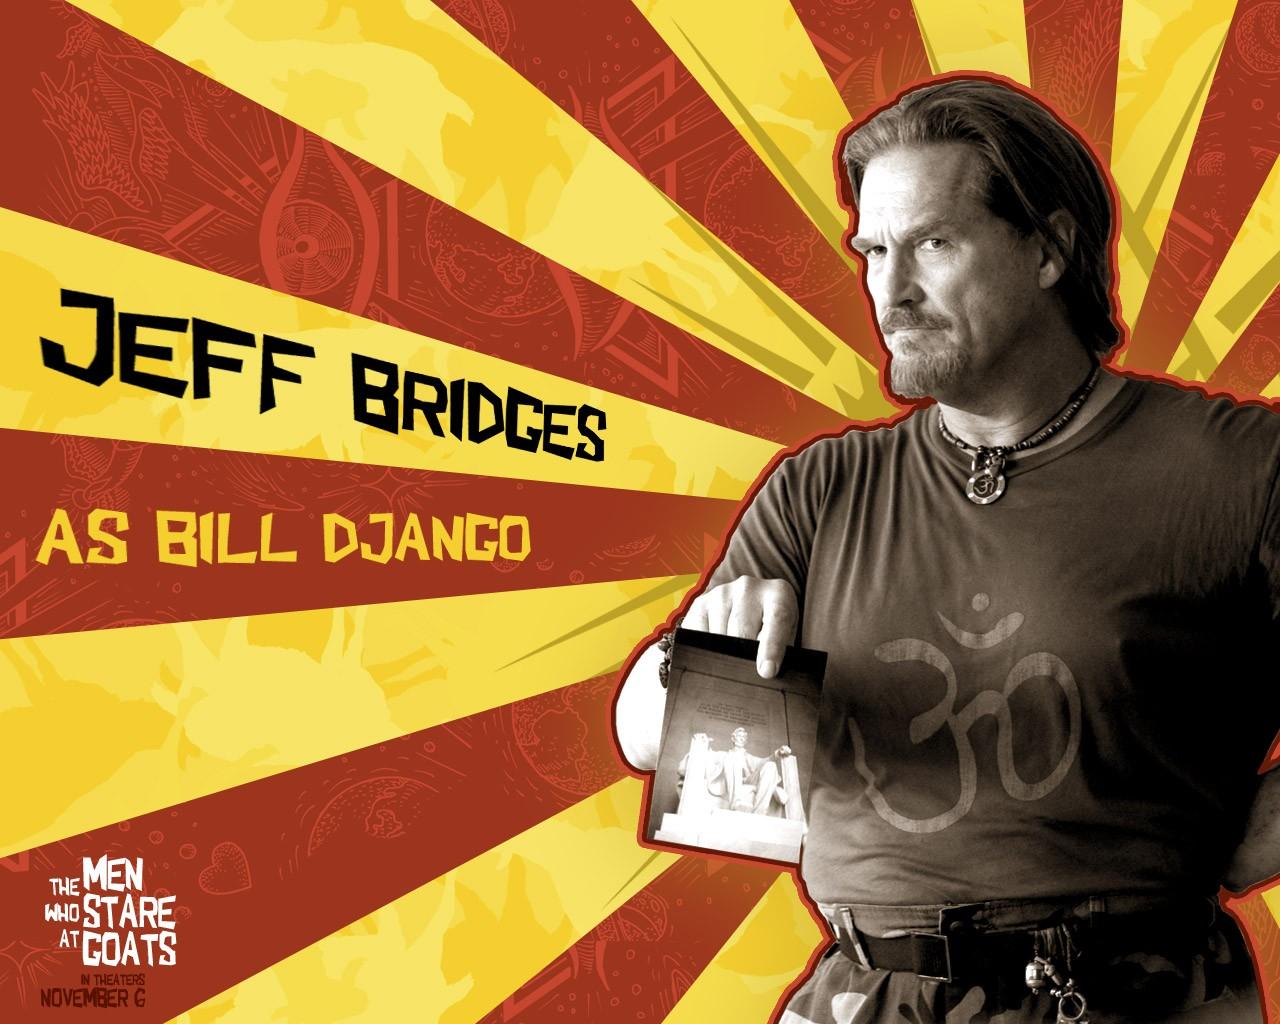 Un wallpaper di Jeff Bridges per il film The Men Who Stare at Goats